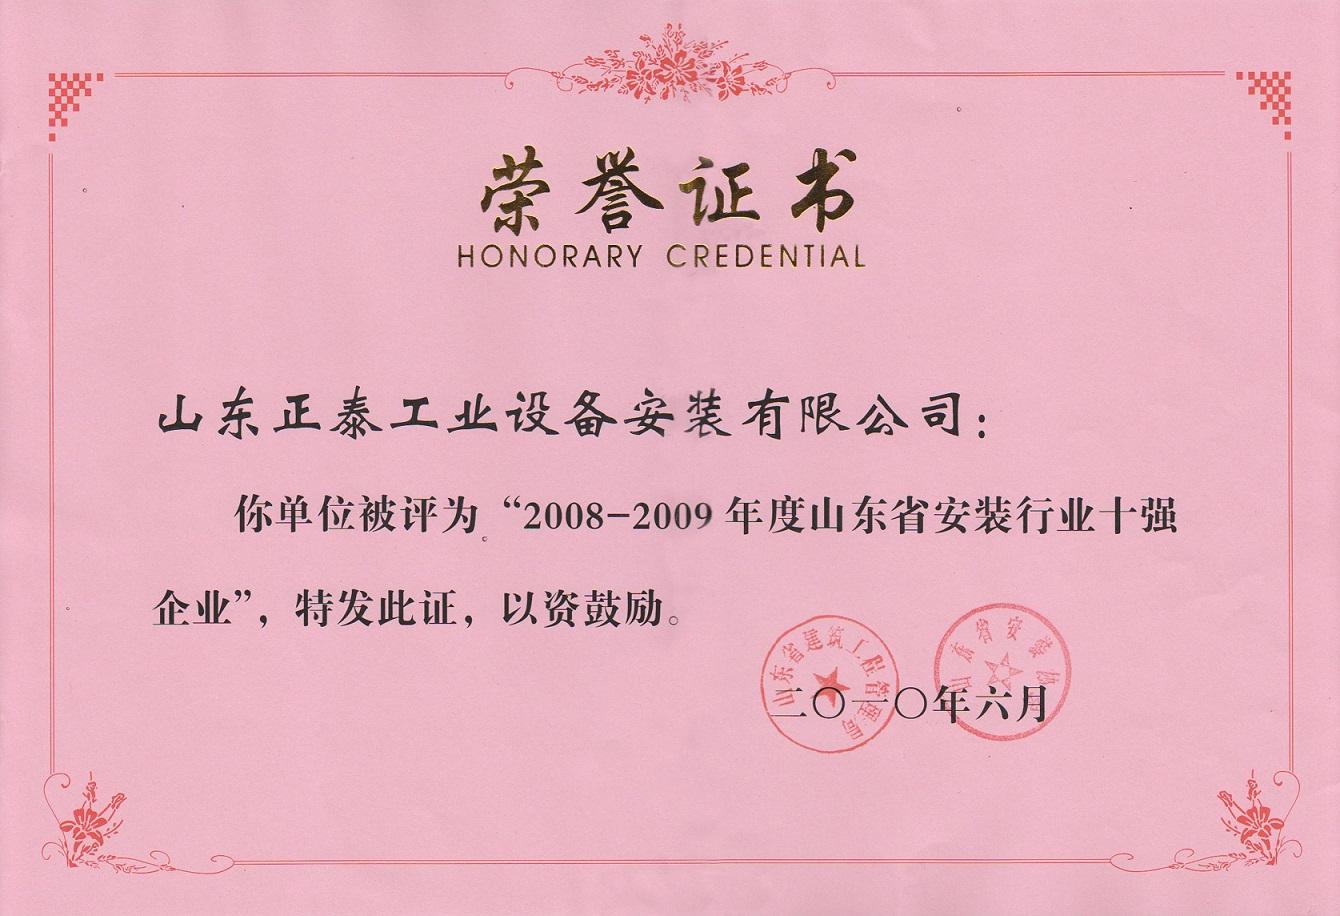 2008-2009年度省an装十强